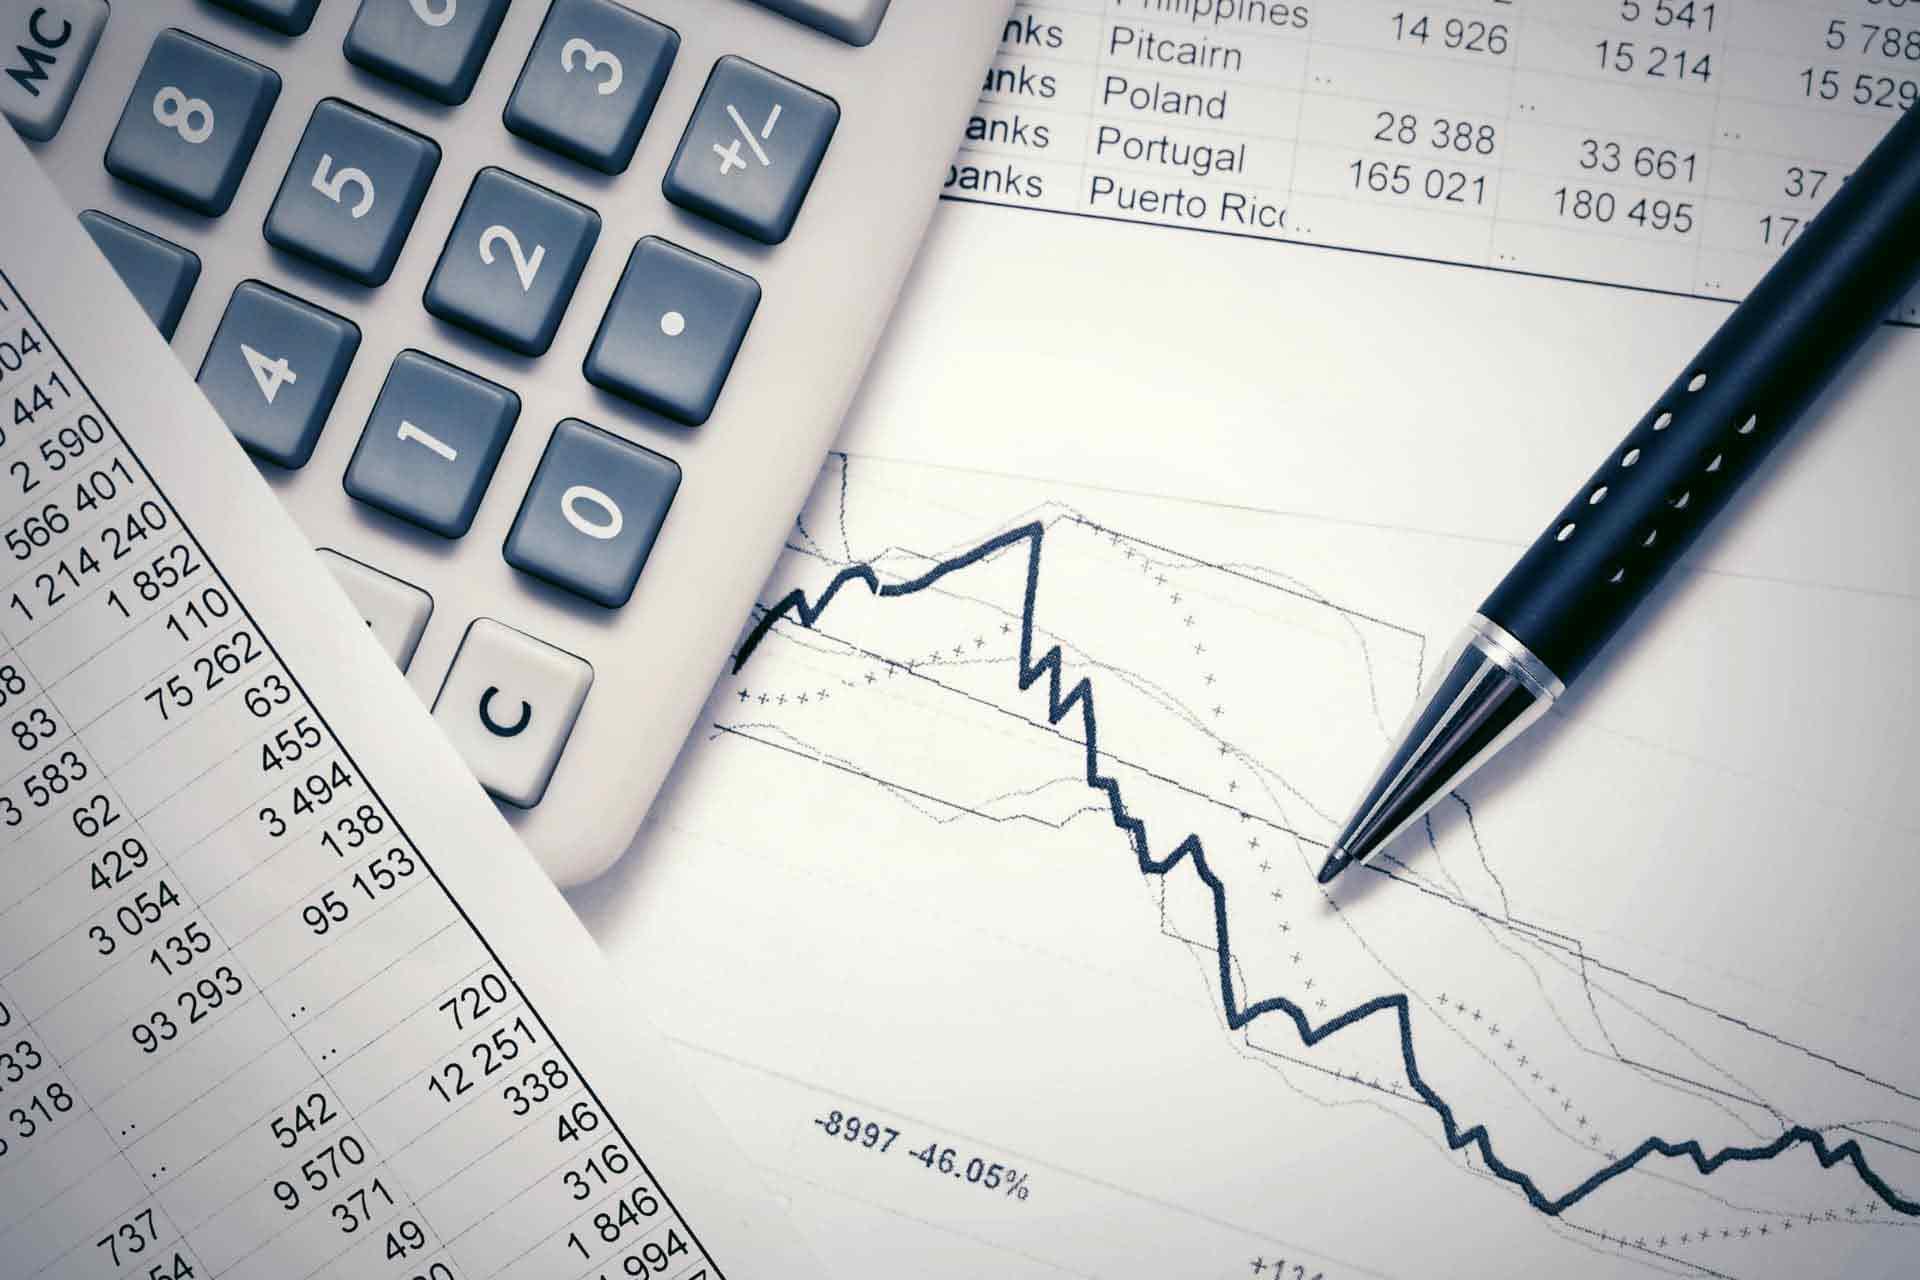 Credito d'imposta beni strumentali nuovi: l'IVA indetraibile costituisce una componente del costo di acquisizione del bene